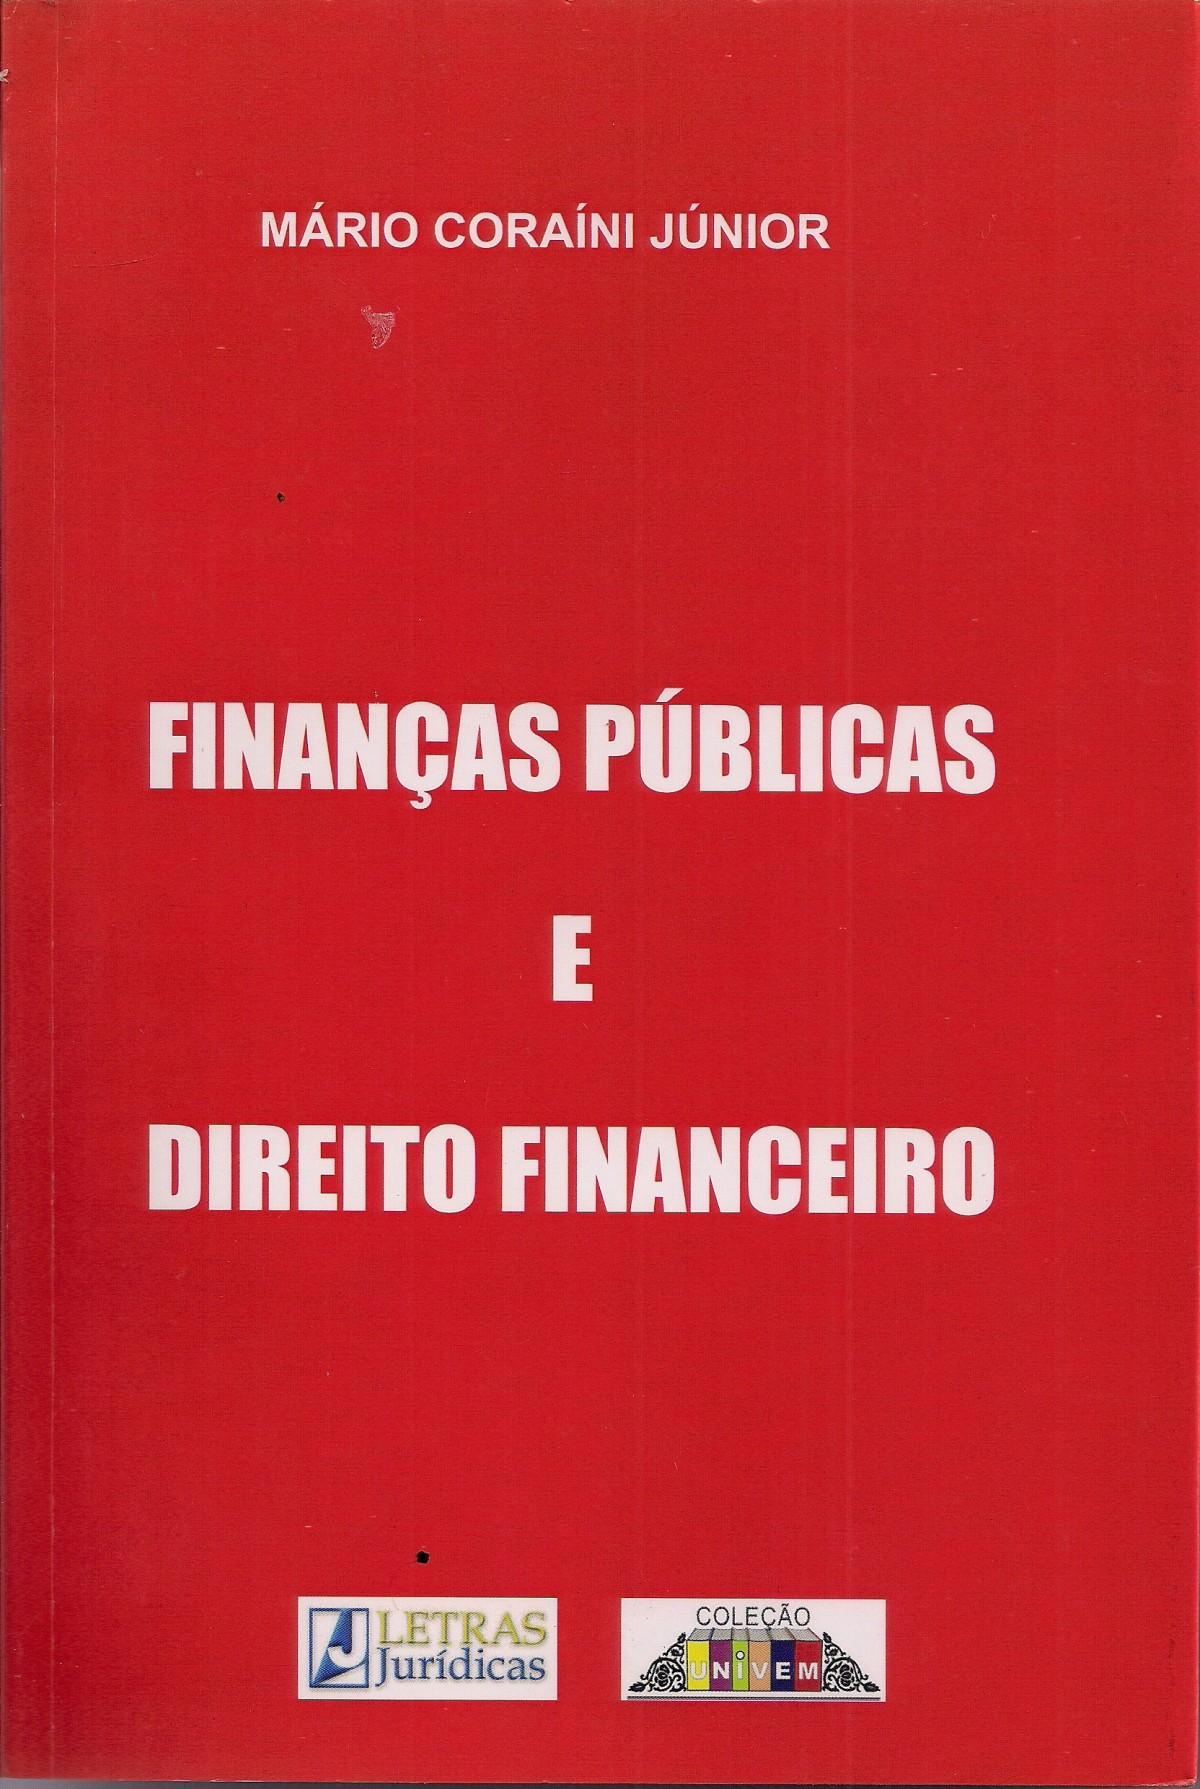 Foto 1 - Finanças Públicas e Direito Financeiro